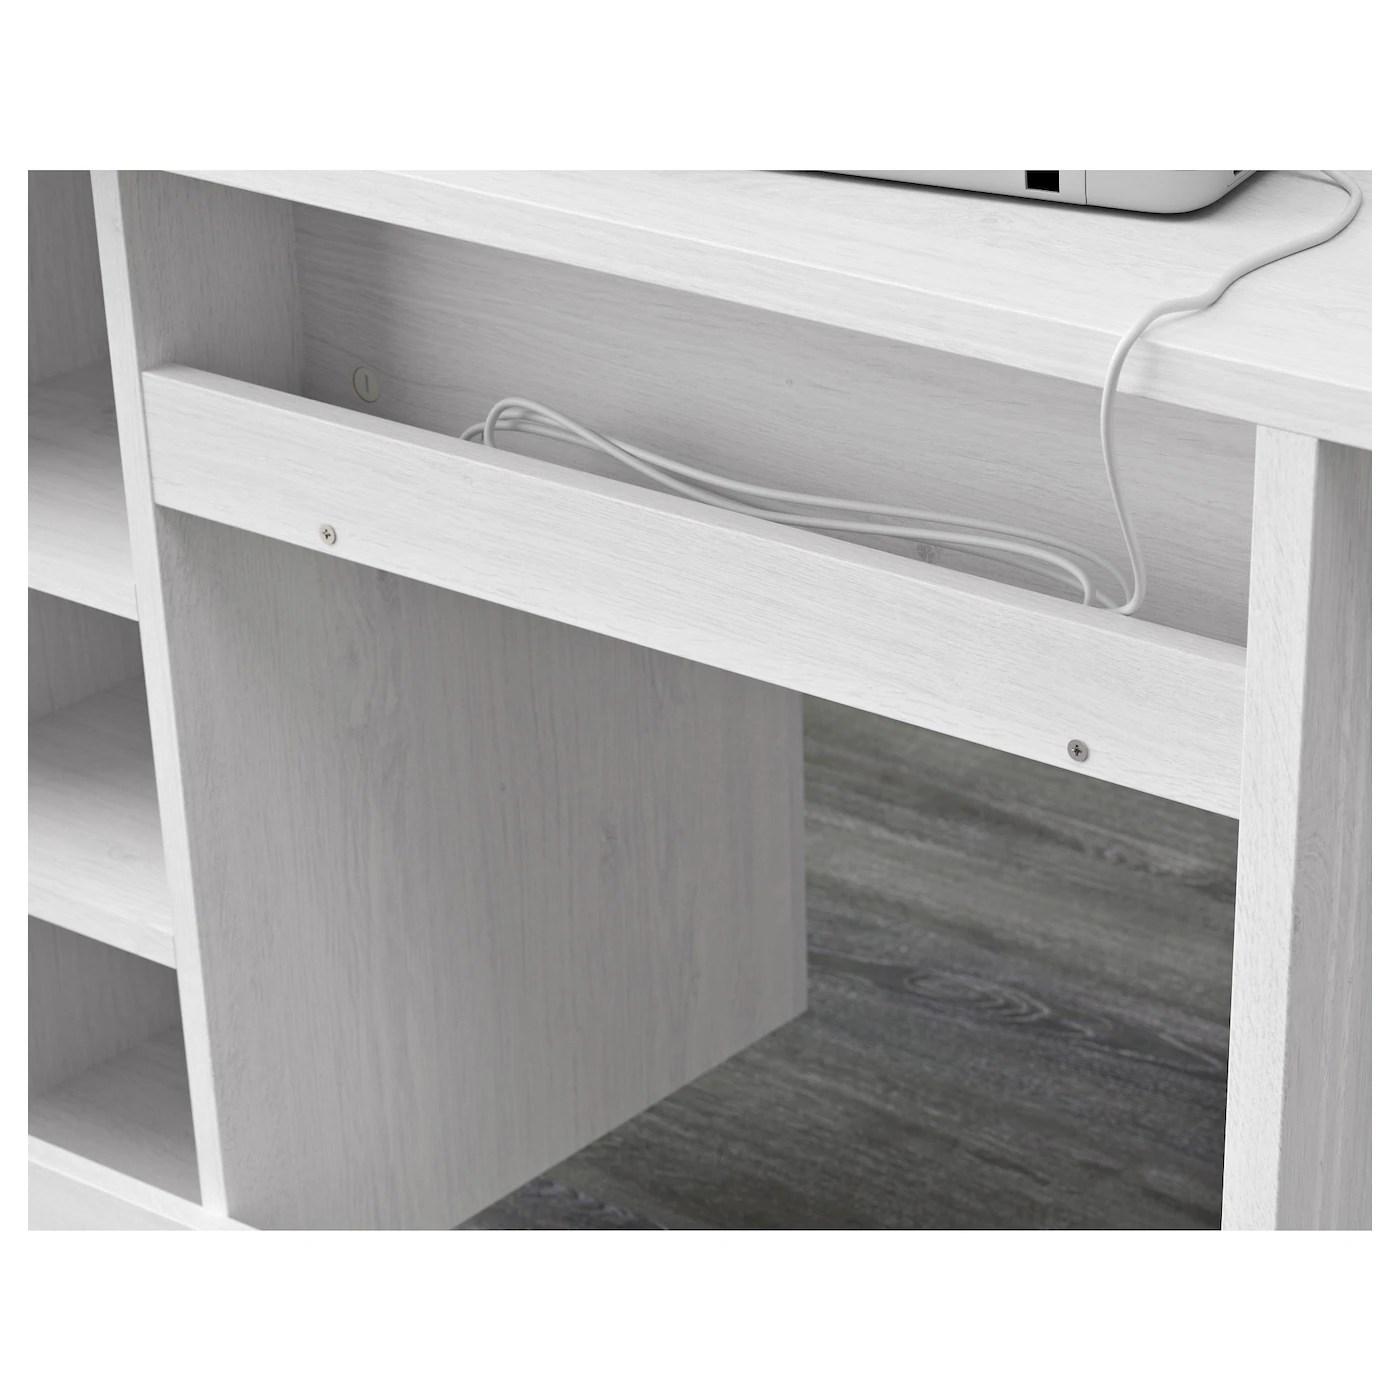 Schreibtisch Ikea Brusali Schreibtisch 80 Cm Hoch Bestseller Shop